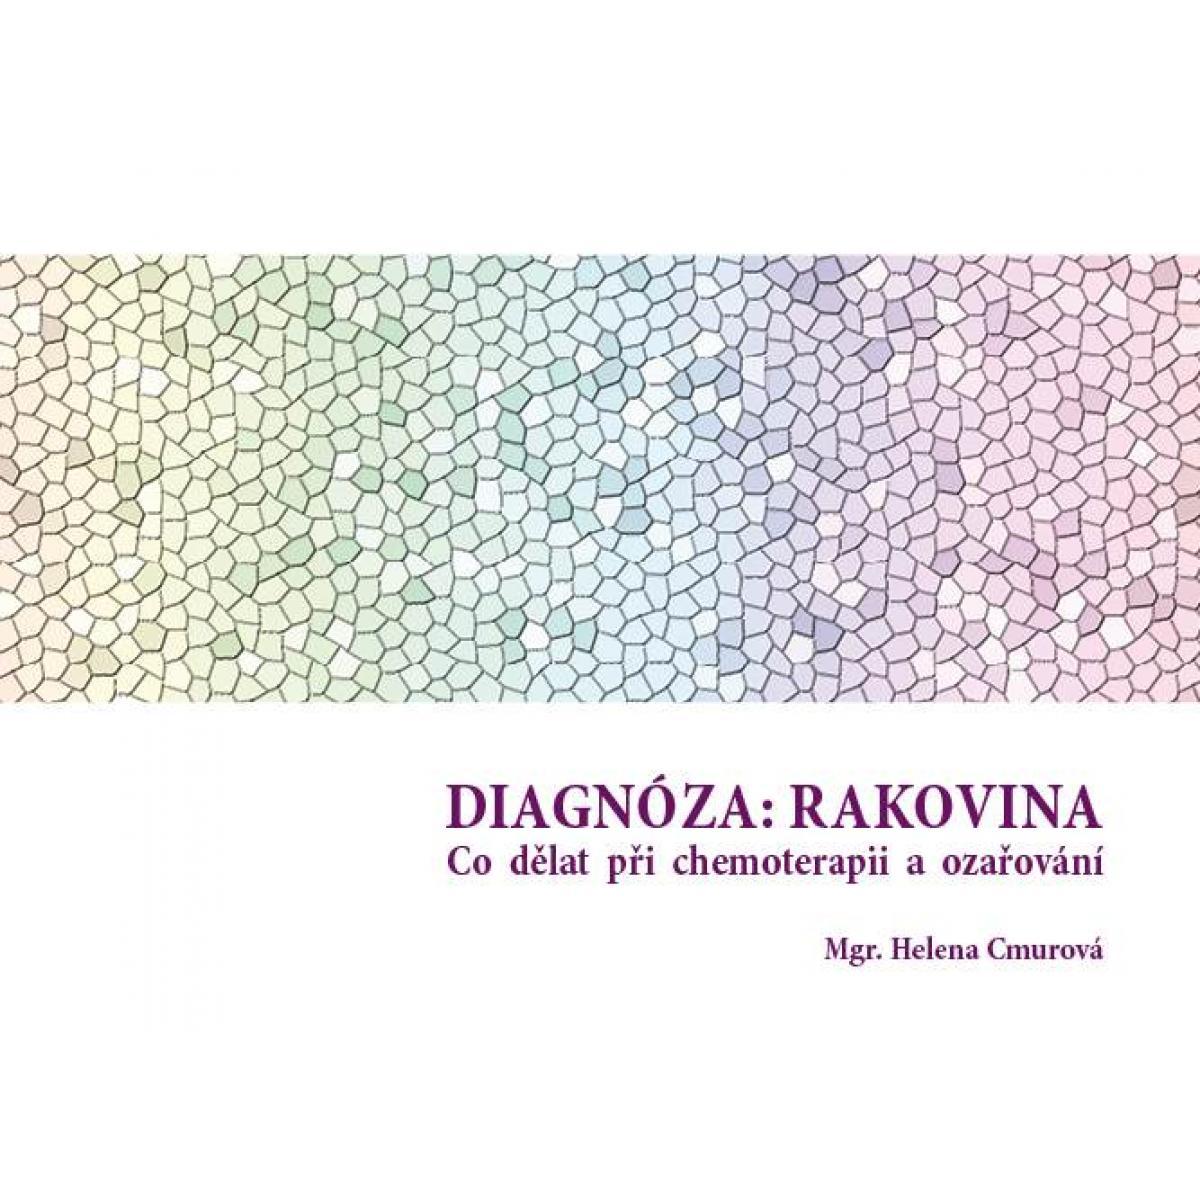 Diagnóza: Rakovina - Co dělat při chemoterapii a ozařovaní - Cmurová Helena Mgr.